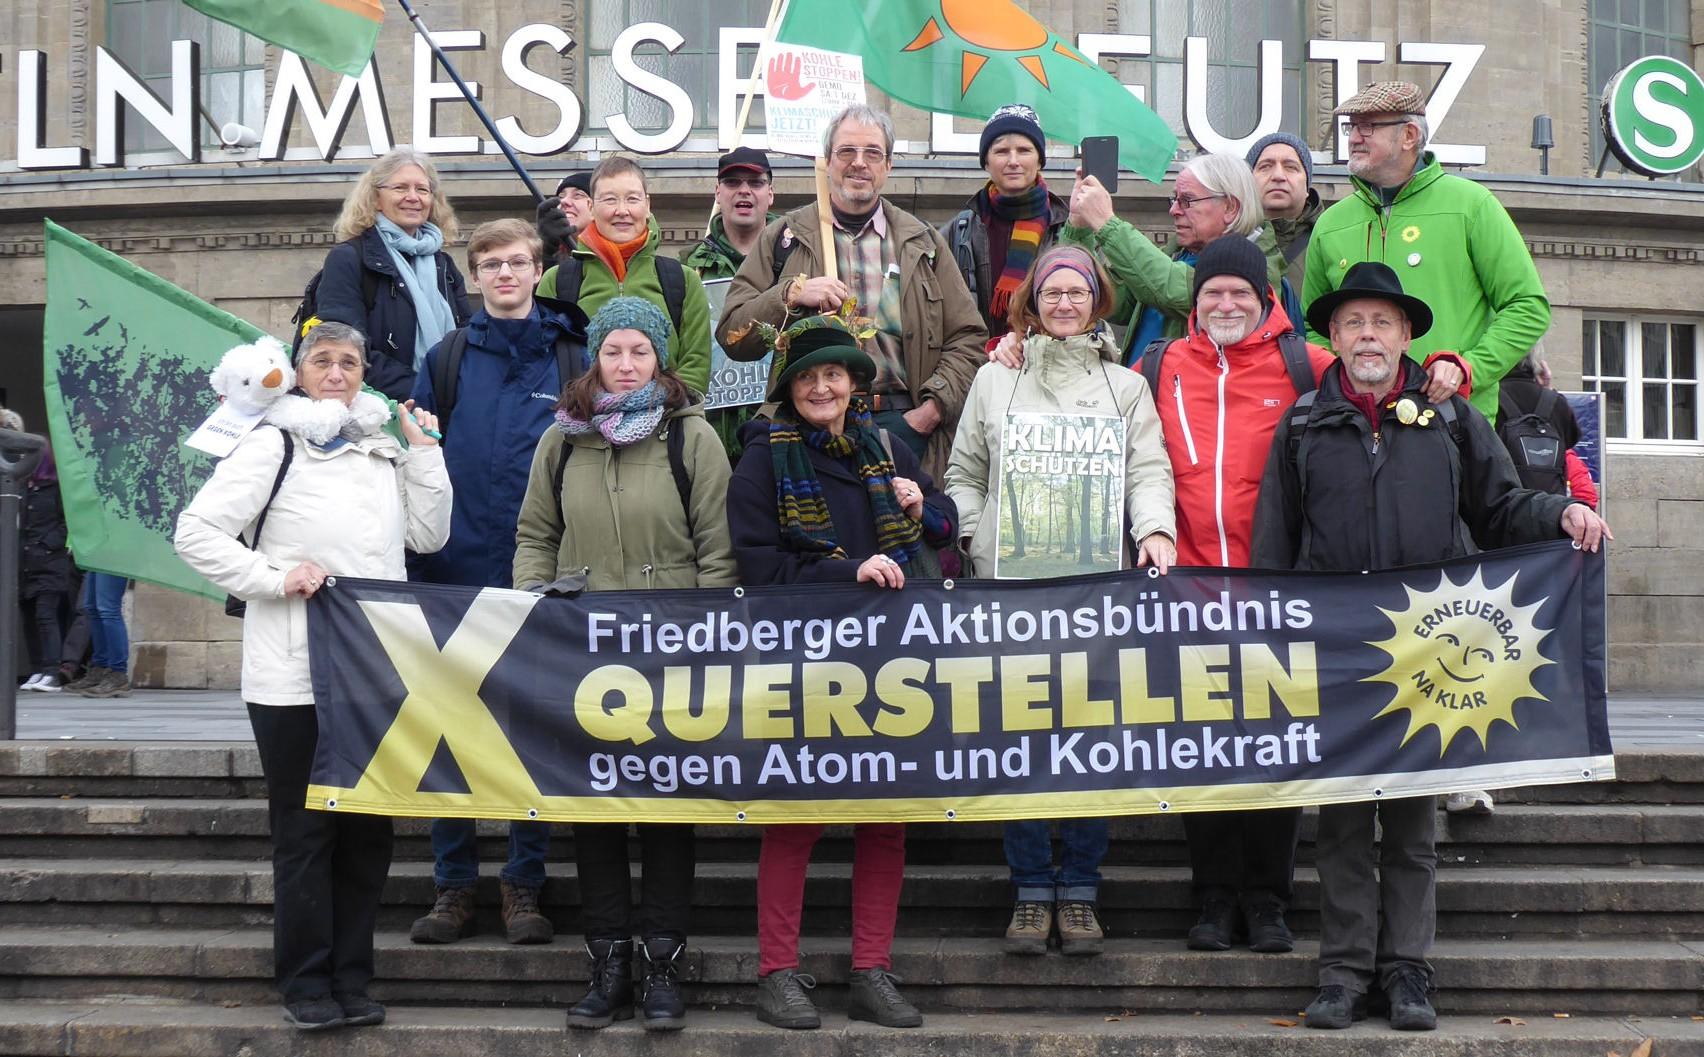 Auch Querstellen demonstriert am 1. 12. 2018 in Köln